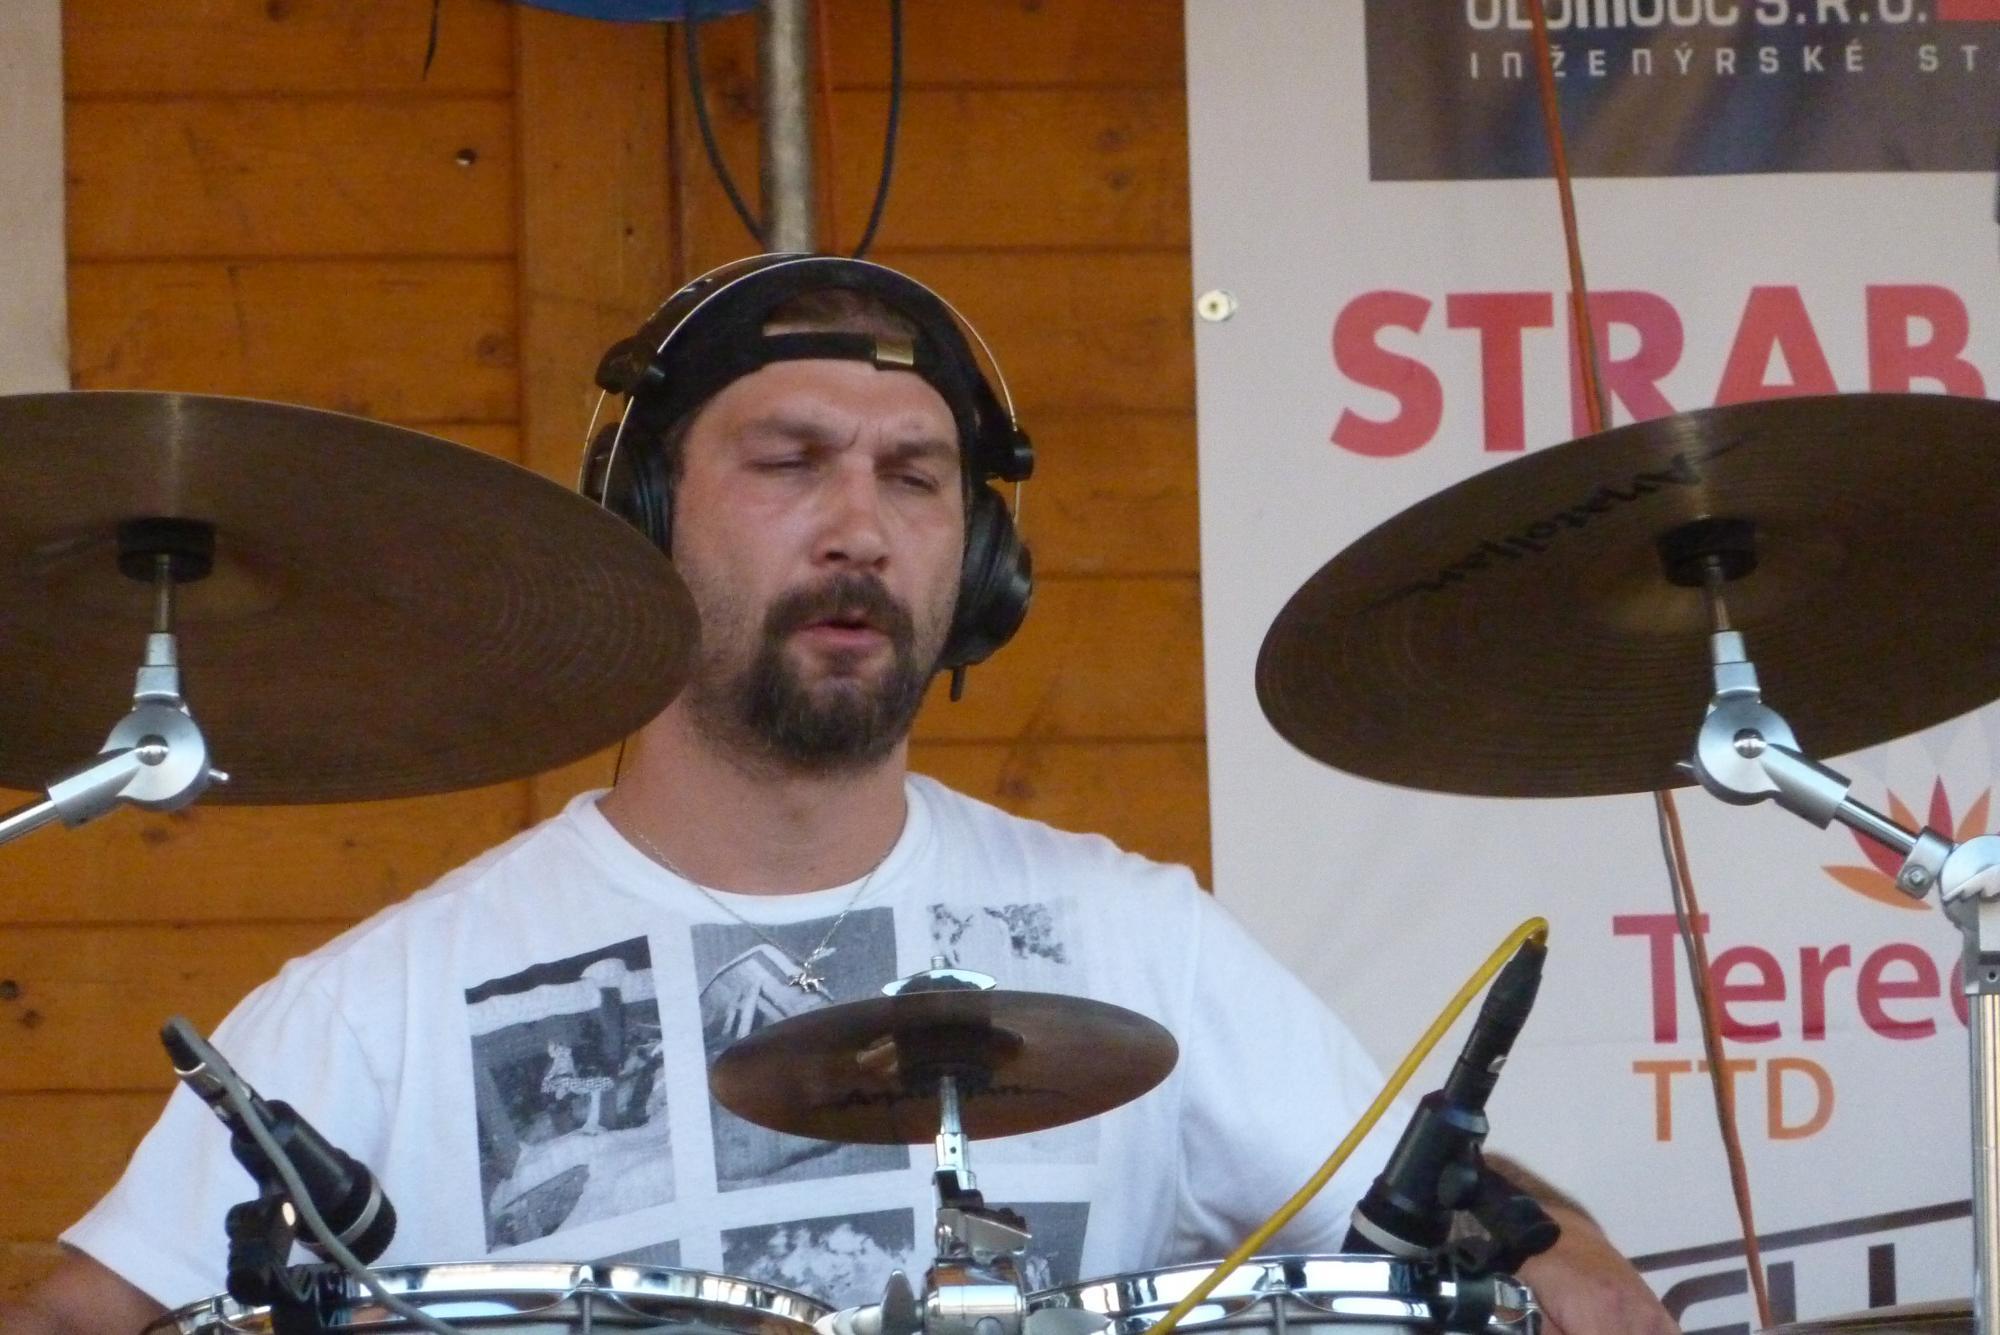 Kojetínské Hudební Léto 2015, Kojetín [7] (21.8.2015) - Kervežekson (crossover kapela z Prostějova)